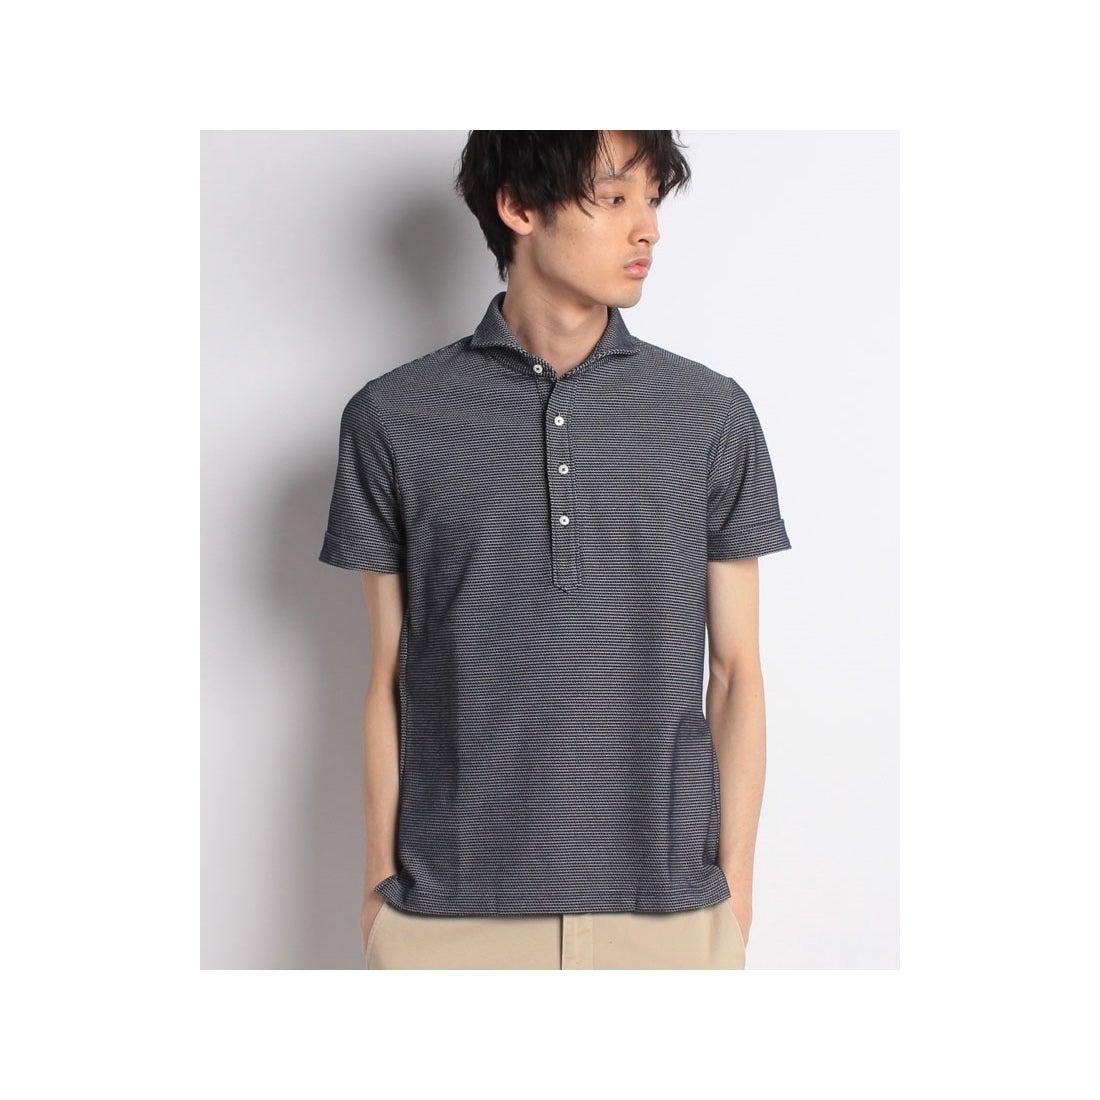 ロコンド 靴とファッションの通販サイトSSENTIAL GARMENT MEN'S BIGI ハニカム素材 ポロシャツ/ボーダー柄 【JAPAN MADE】(ブルー系その他)【返品不可商品】